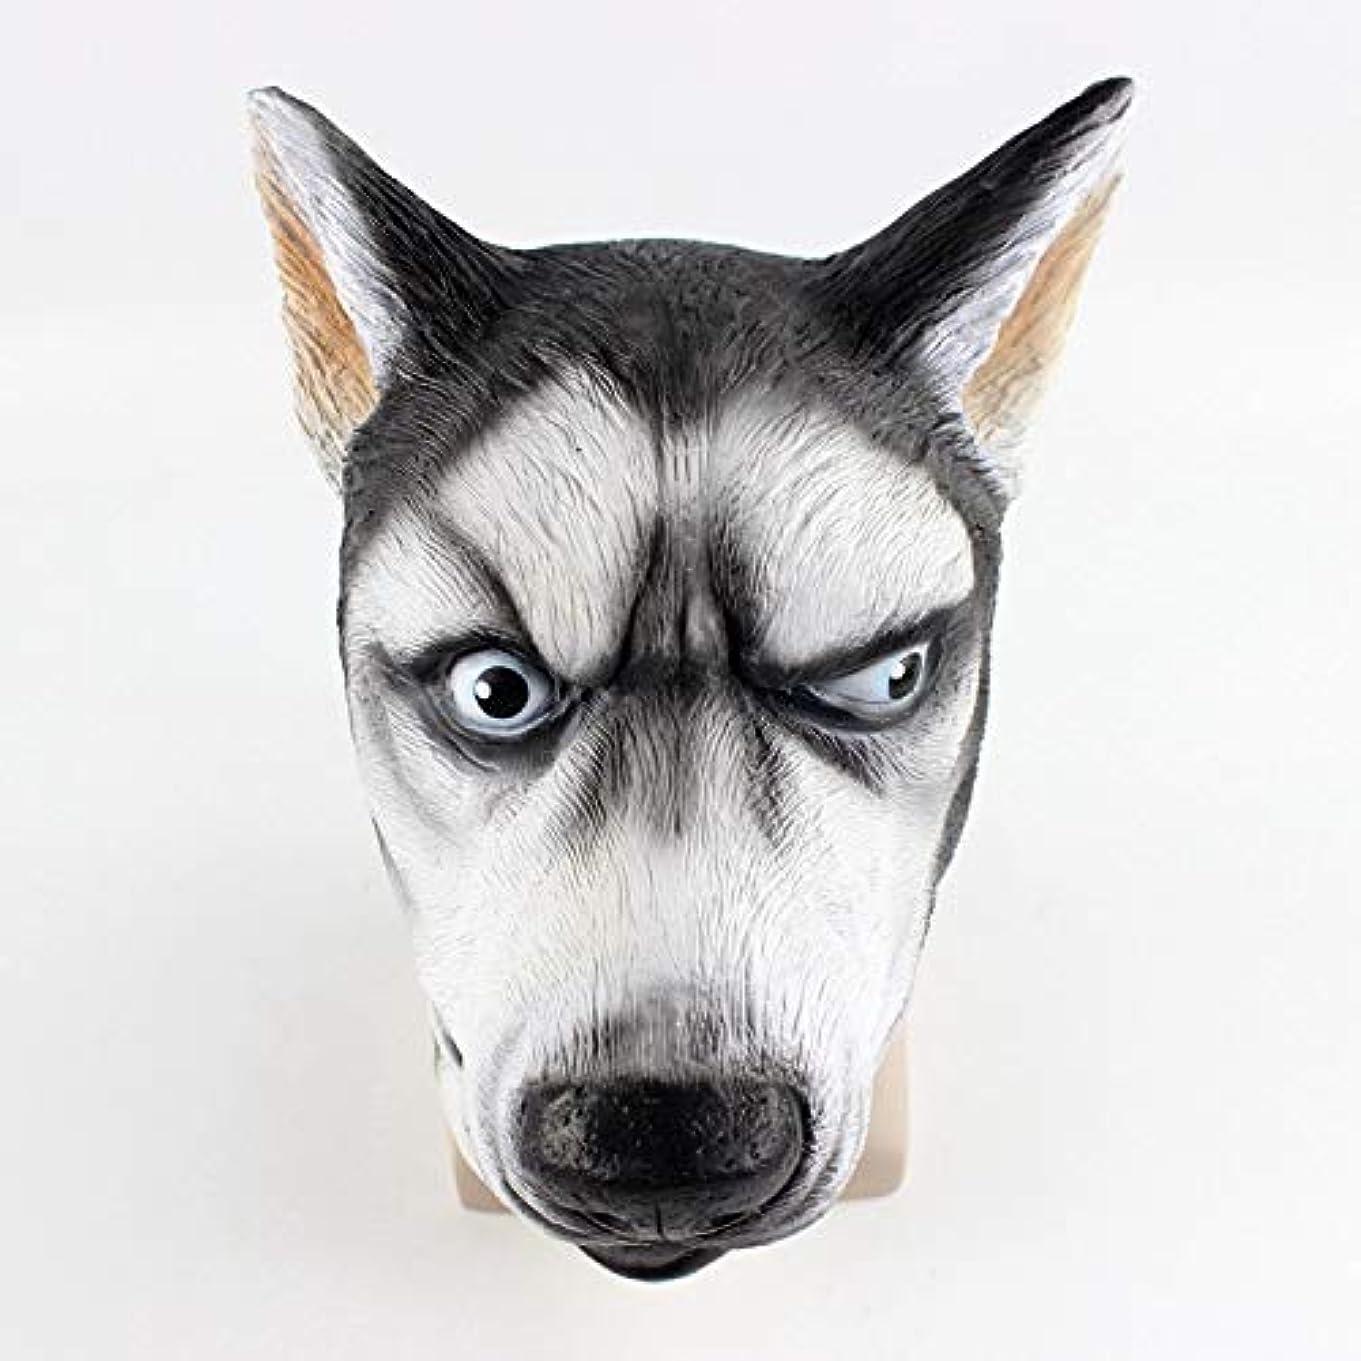 キリン上昇発見シベリアンハスキー犬ラテックス動物ヘッドマスクノベルティコスチュームラバーマスク用ハロウィン動物犬ヘッドマスク